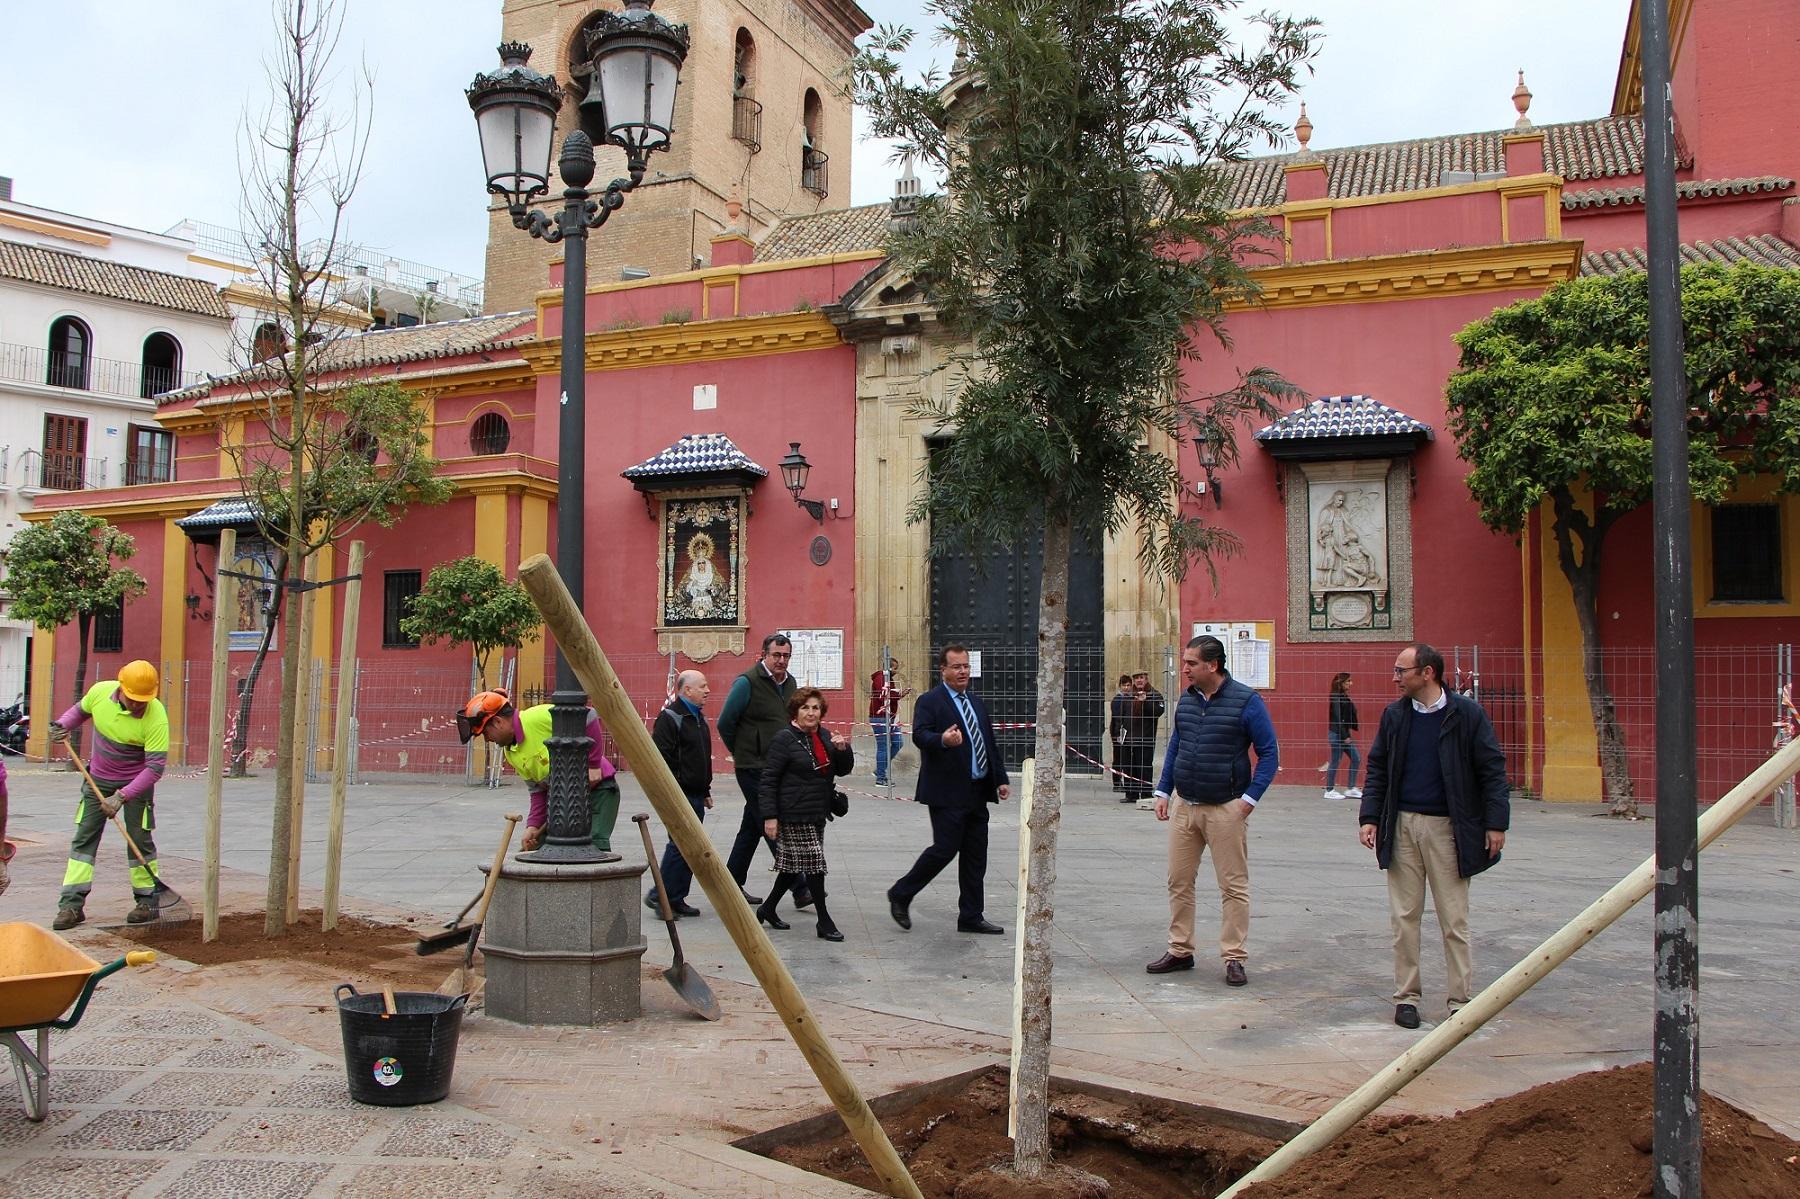 Comienza la plantación de 12 almeces  y 6 grevilleas en la Plaza de San Lorenzo que sustituyen a los 12 plátanos